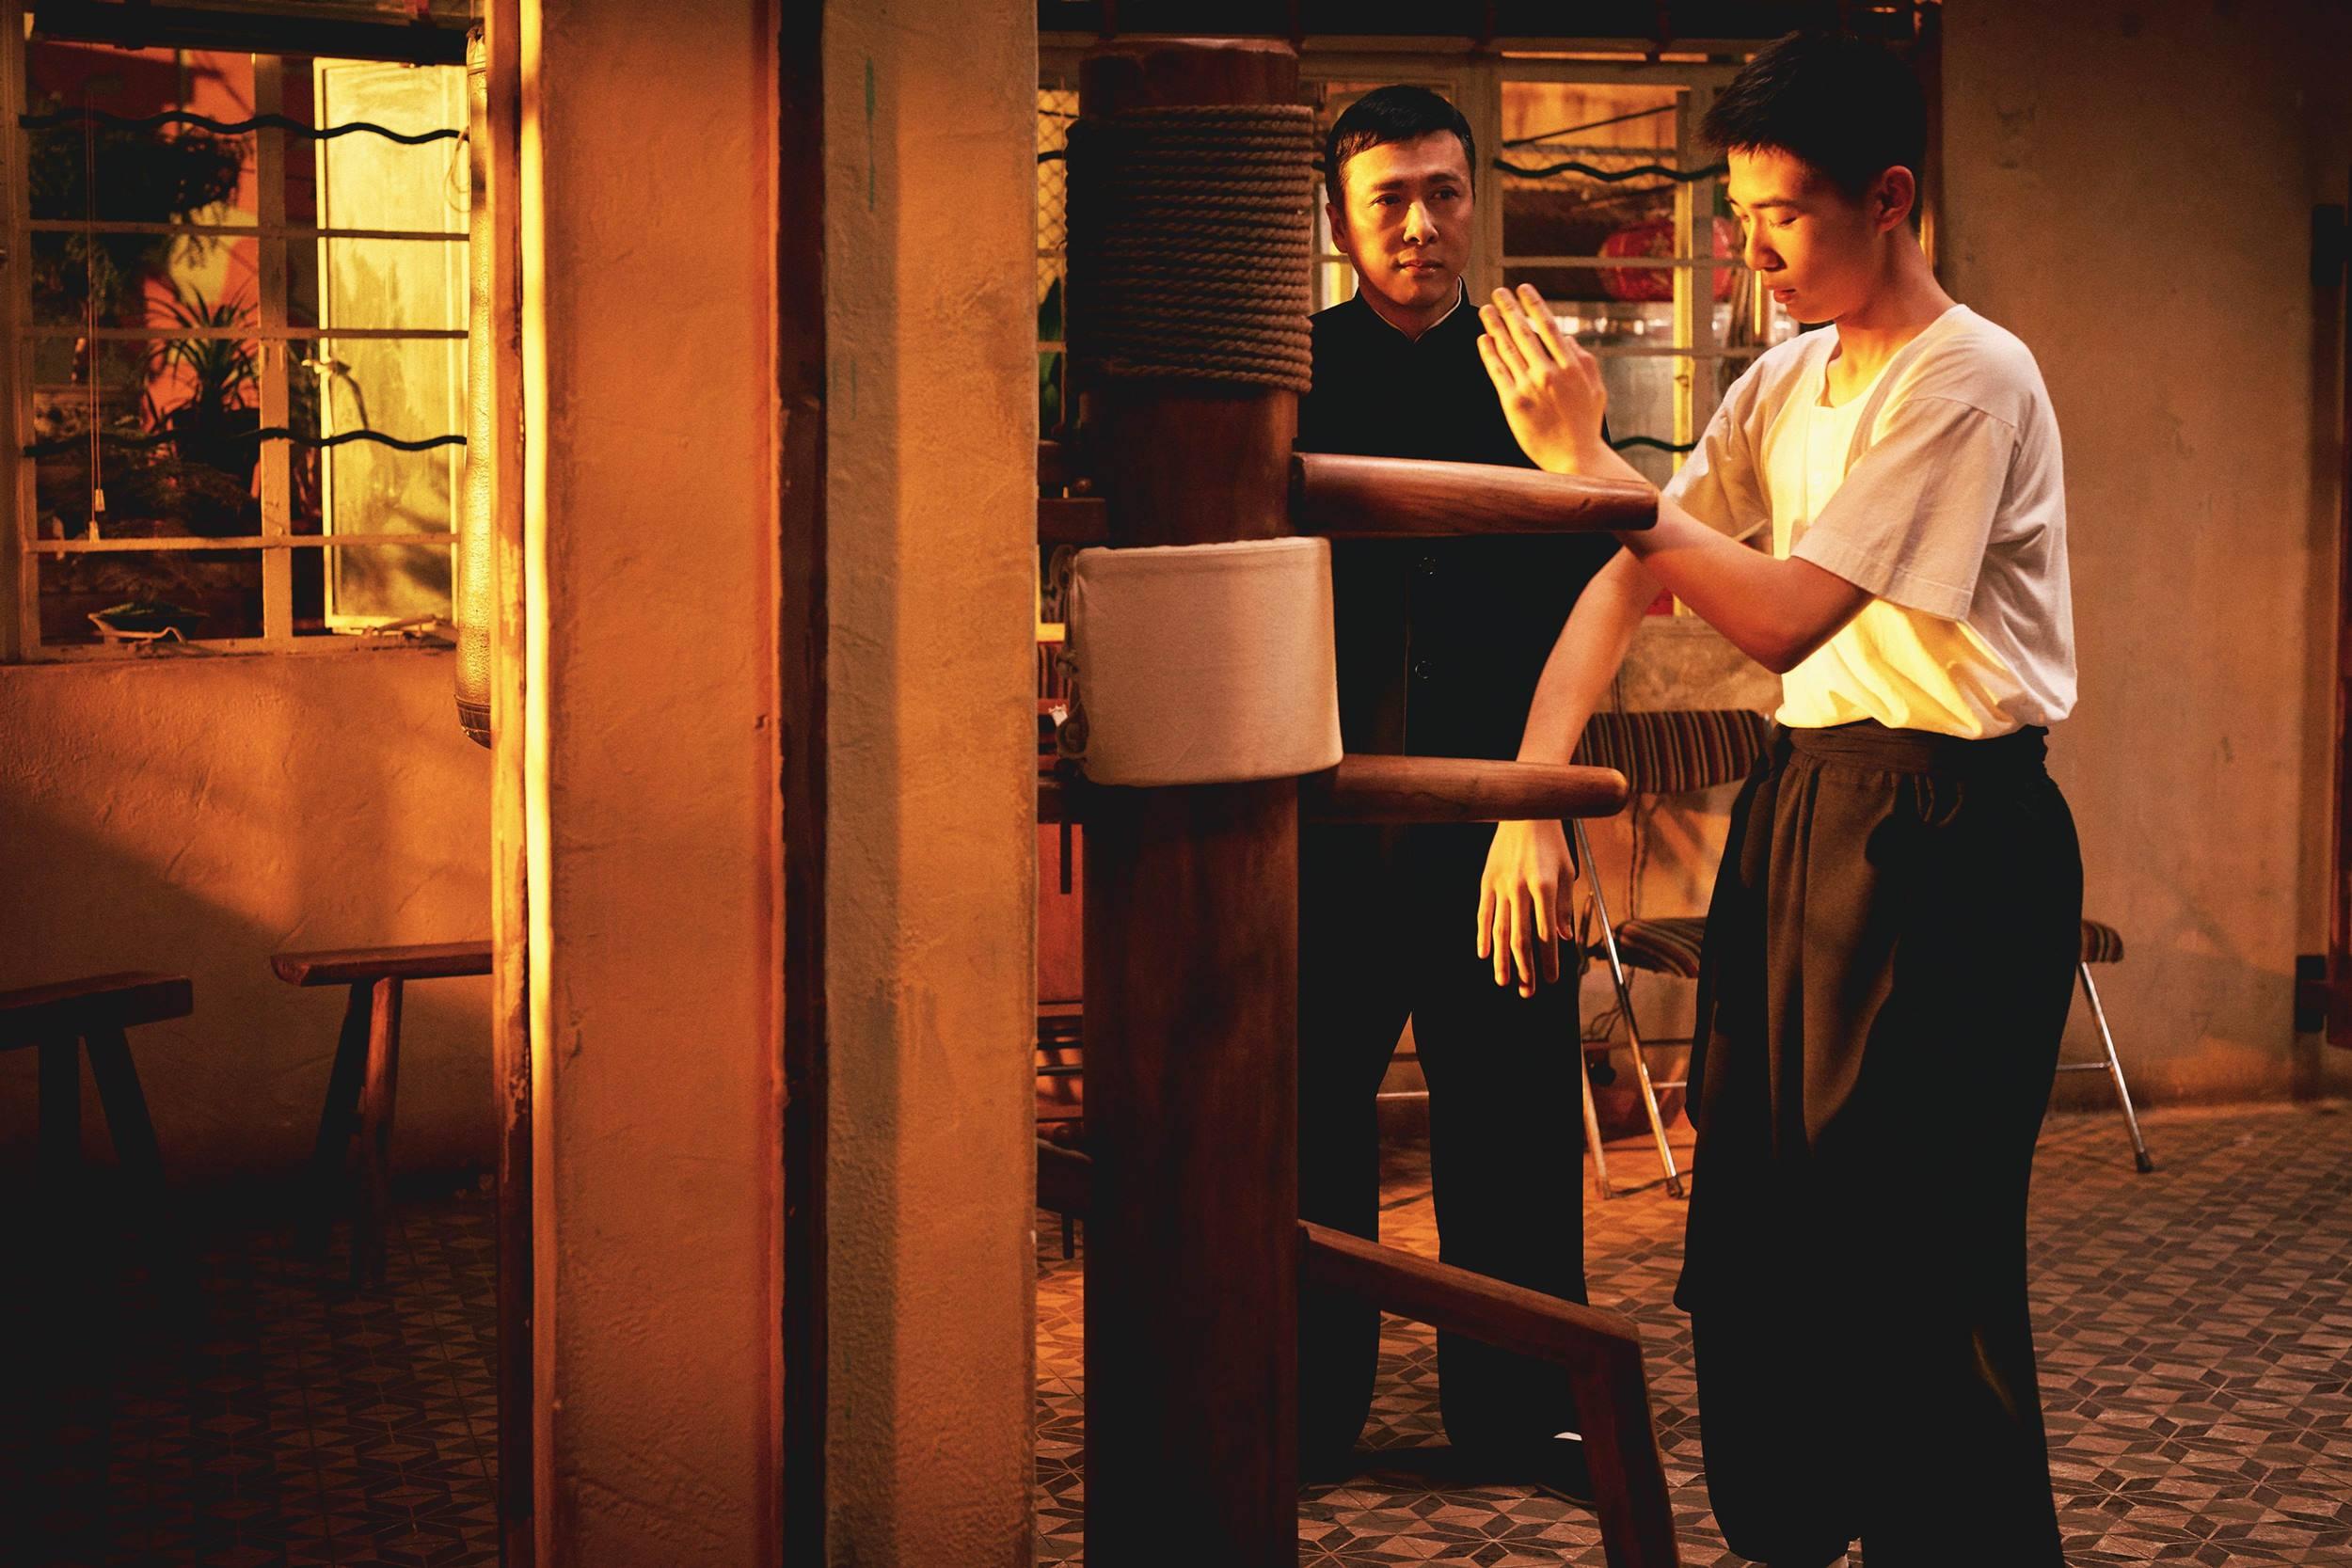 甄子丹回首10年葉問覺得他有血有肉,雖然功夫無敵但厚道處事才能獲得觀眾喜愛